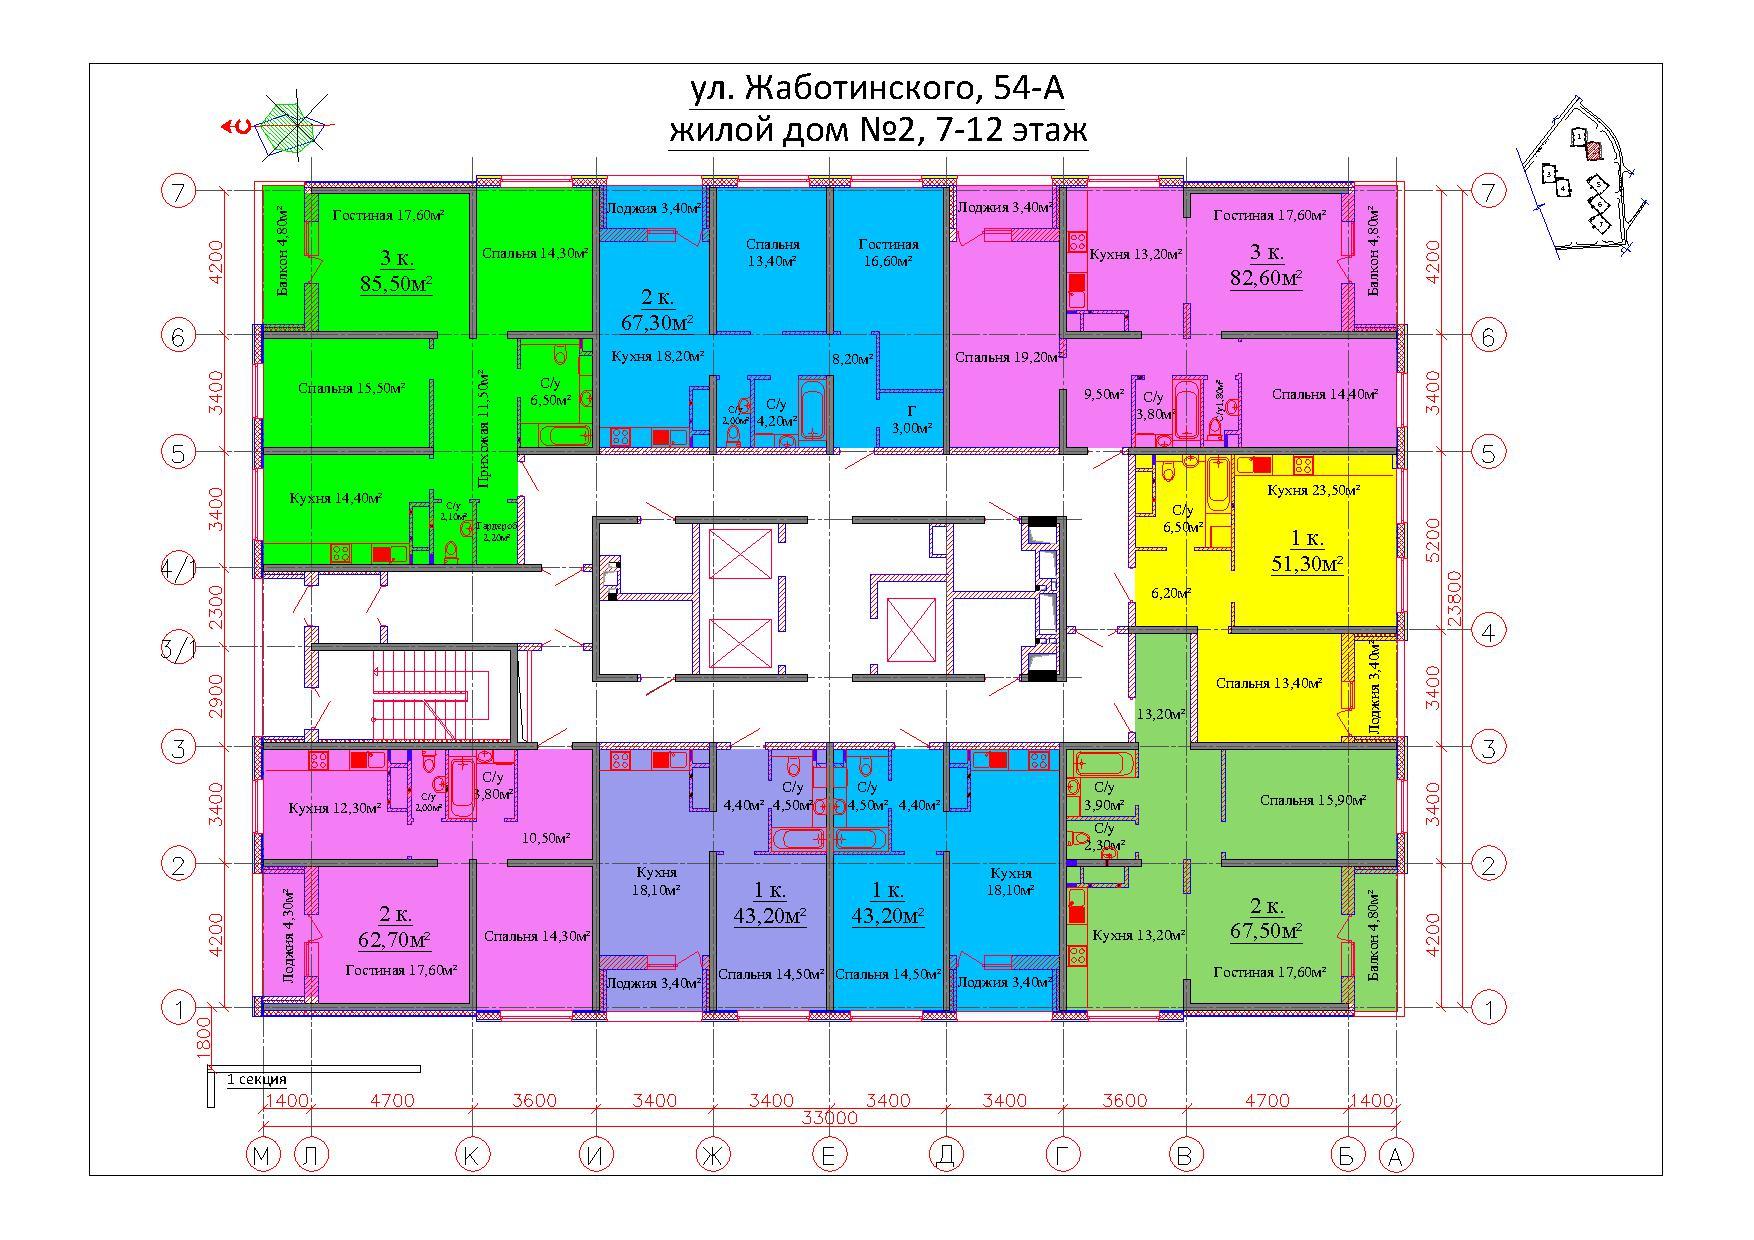 ЖК на Жаботинского Будова (Альтаир 3) / Секция 2 / План 7-12 этажей